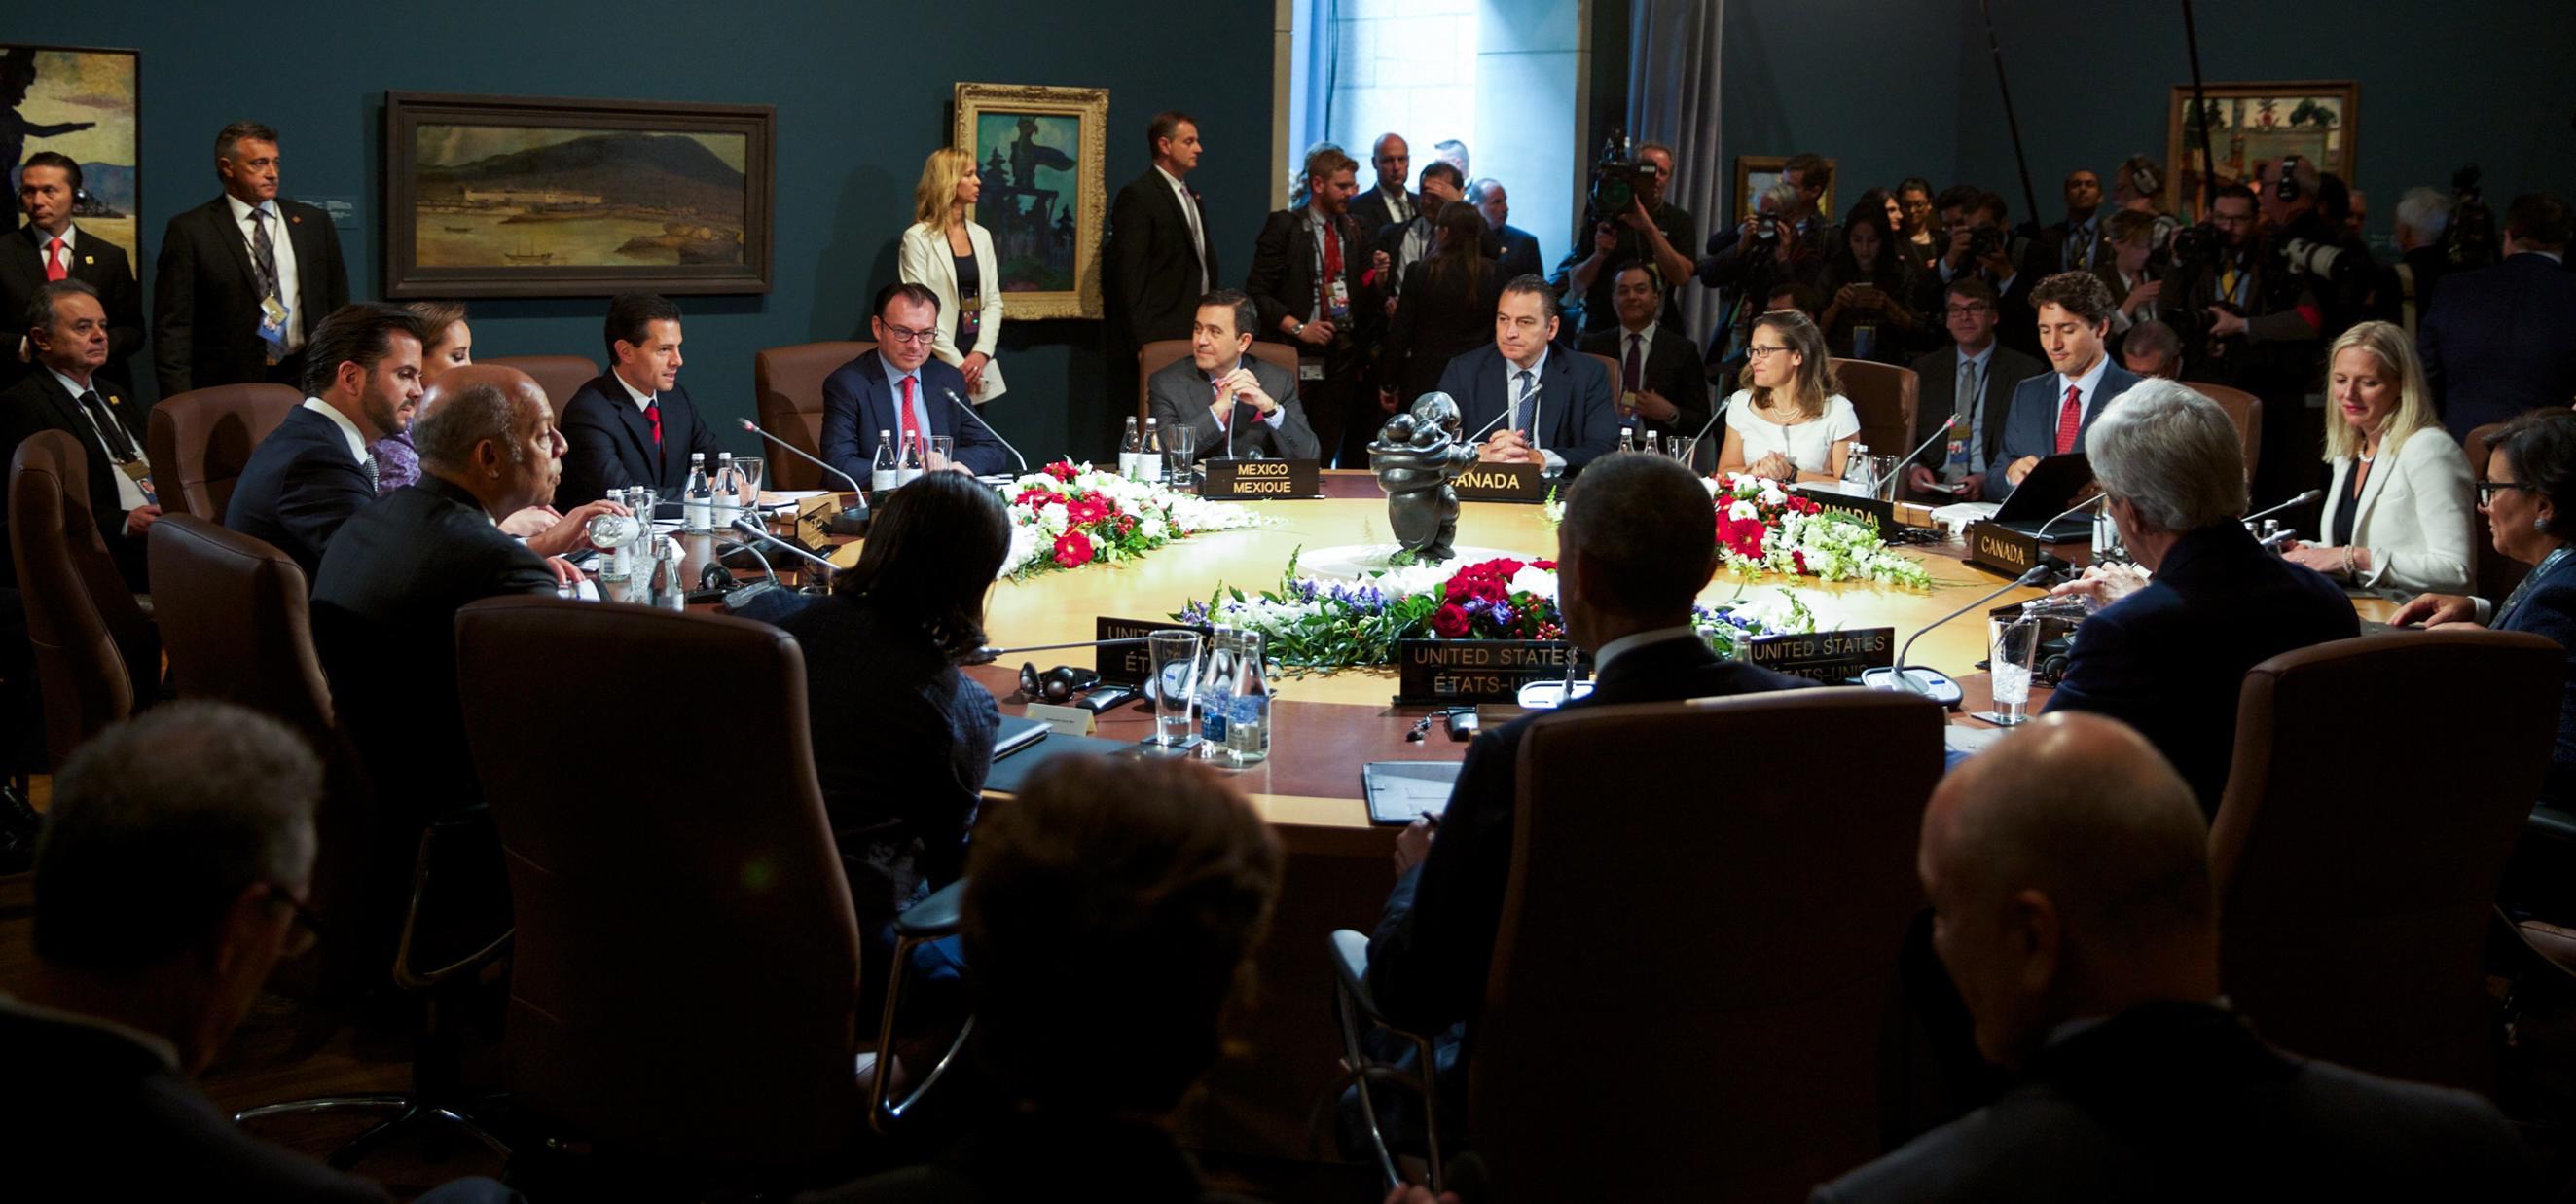 Los tres gobiernos se comprometieron a una ambiciosa y duradera Asociación de América del Norte sobre el Clima, Energía Limpia y Ambiente.